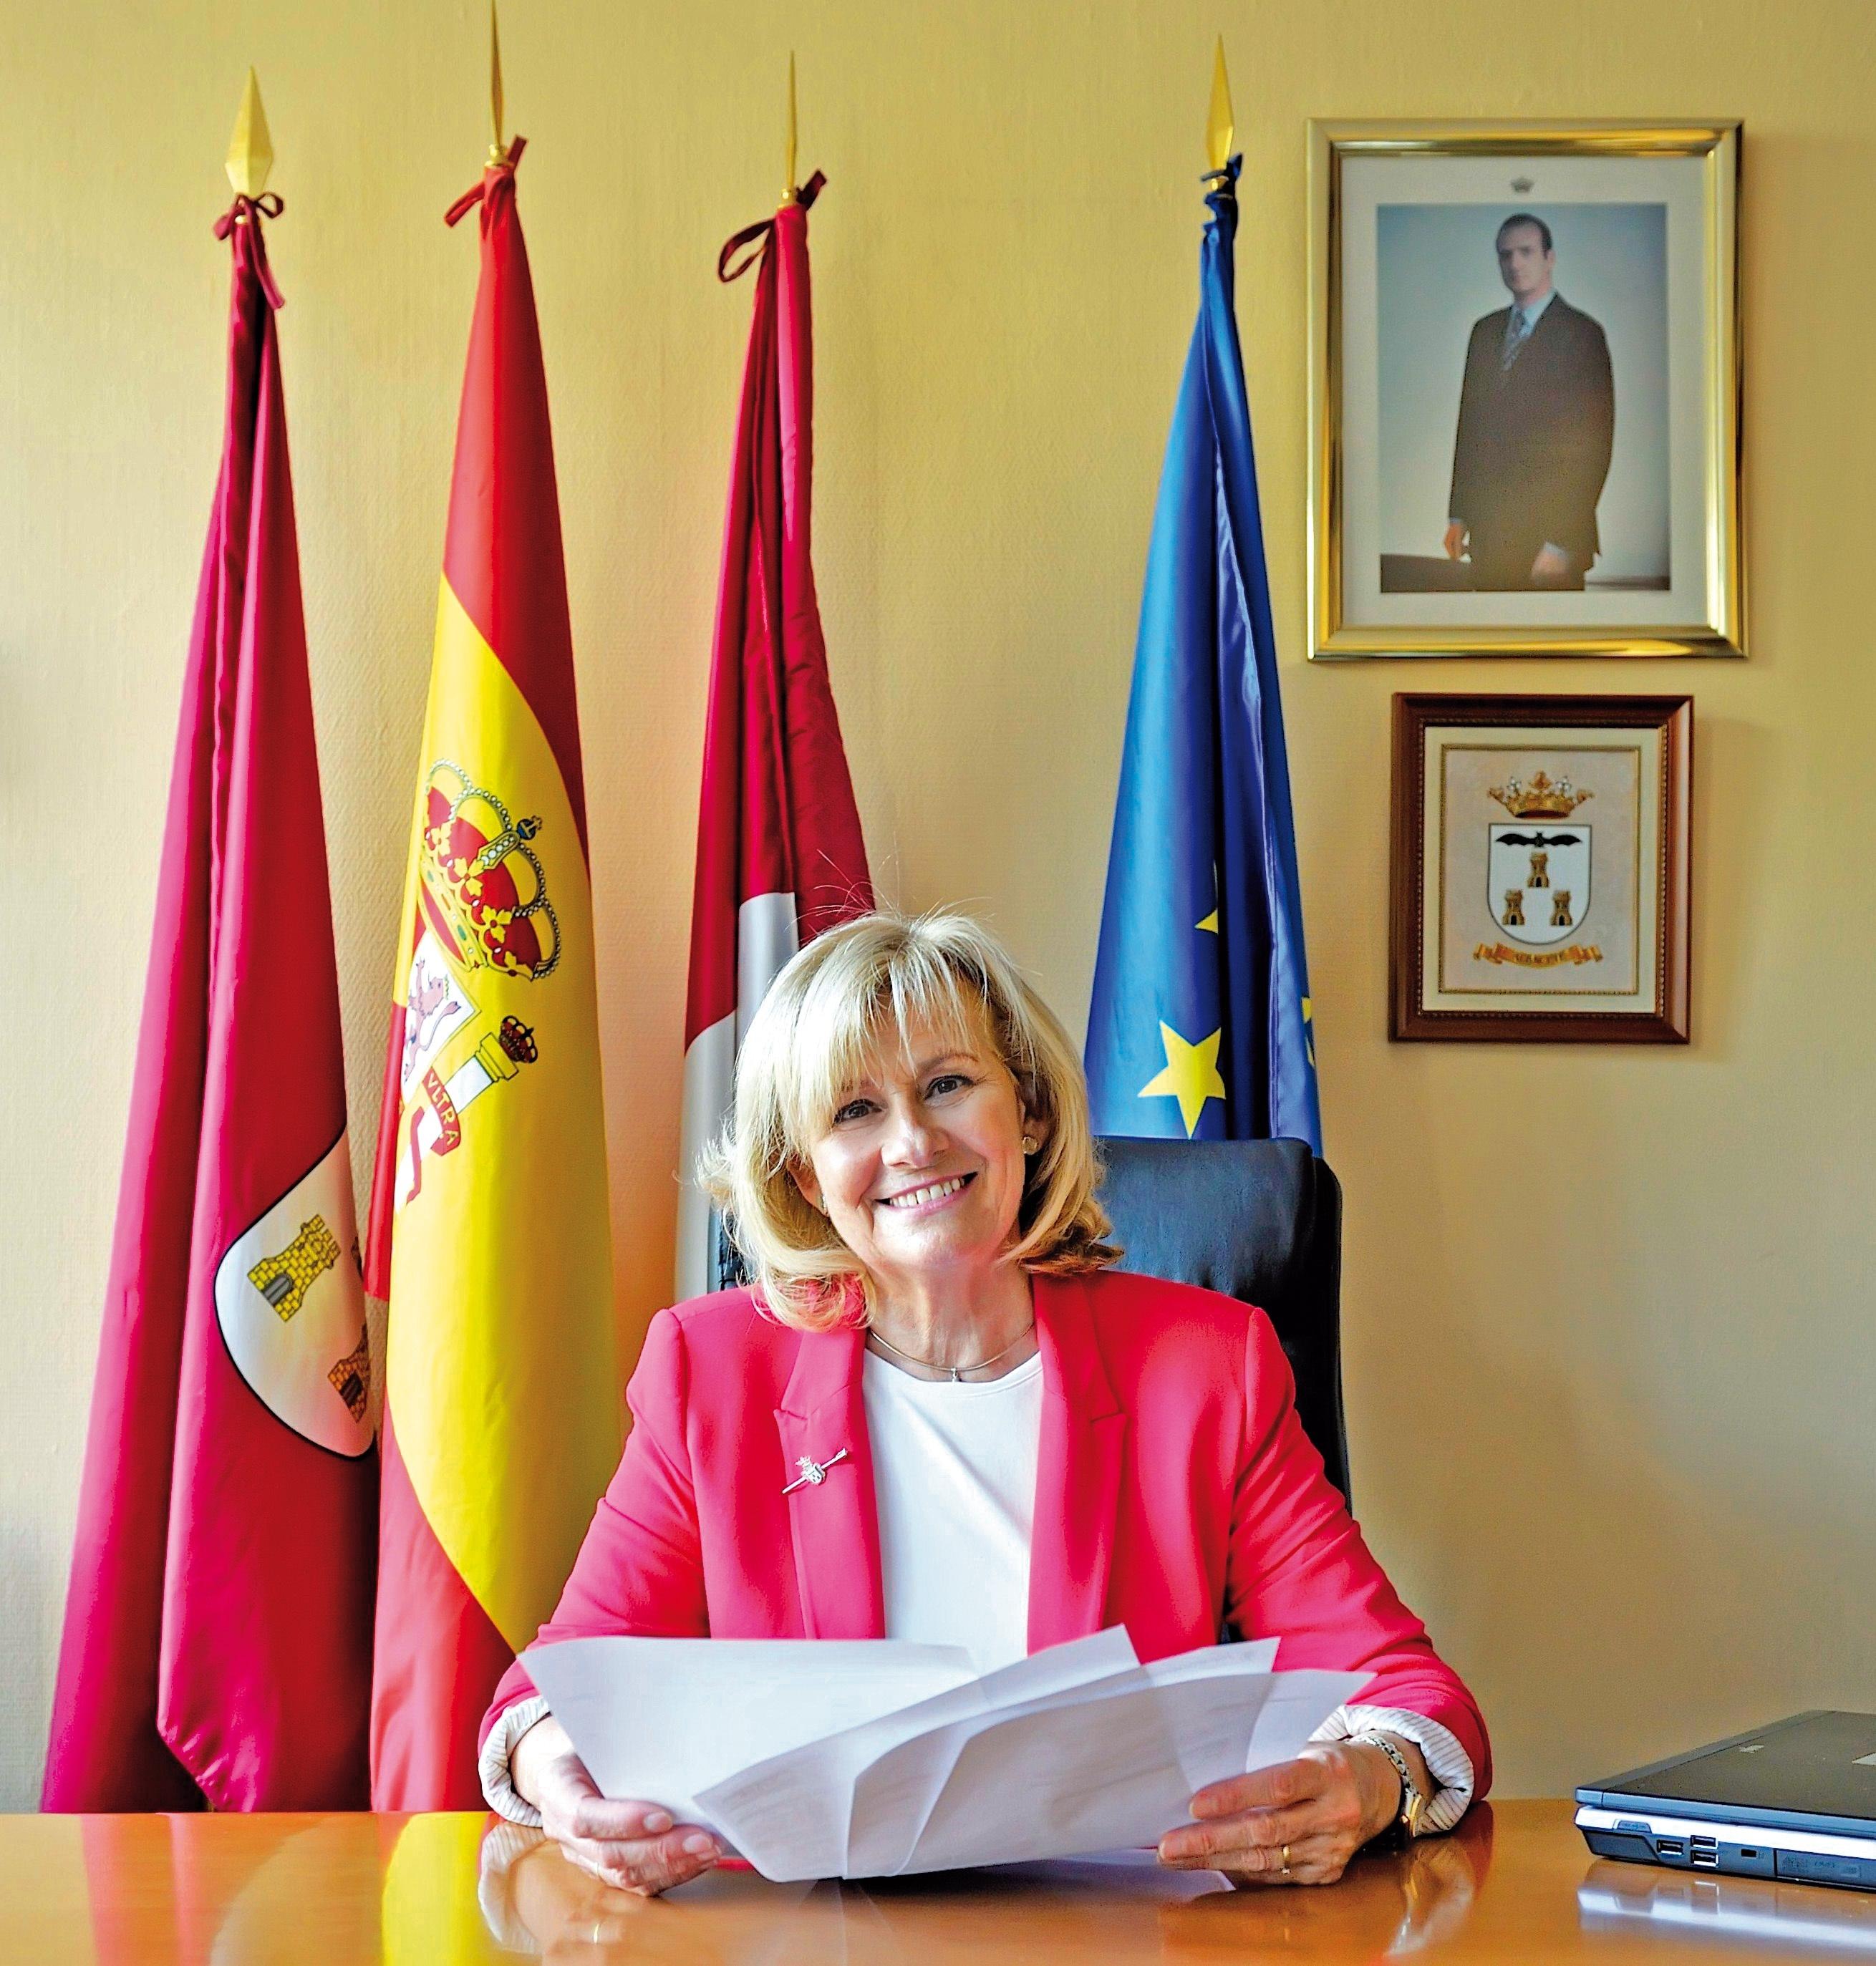 La alcaldesa de Albacete anuncia nuevas acciones legales para evitar el pago de las liquidaciones a USUJ